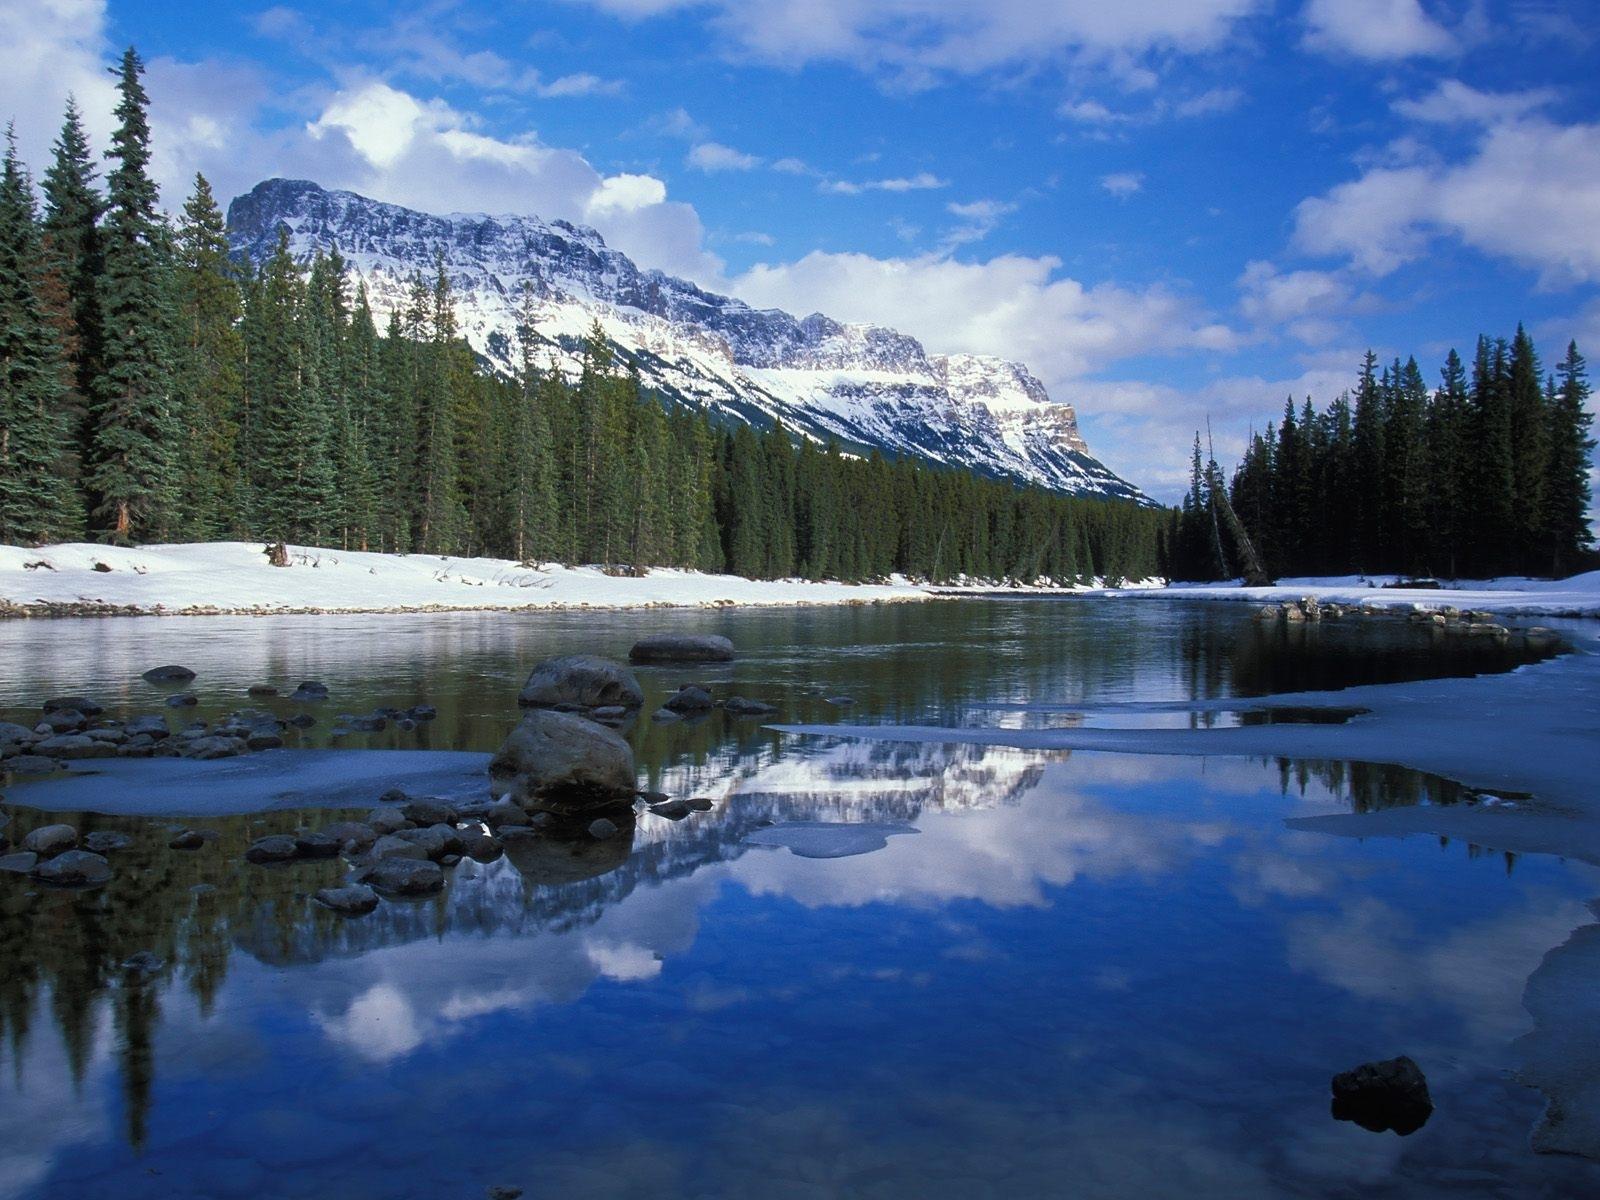 9134 скачать обои Пейзаж, Зима, Река, Деревья, Горы - заставки и картинки бесплатно